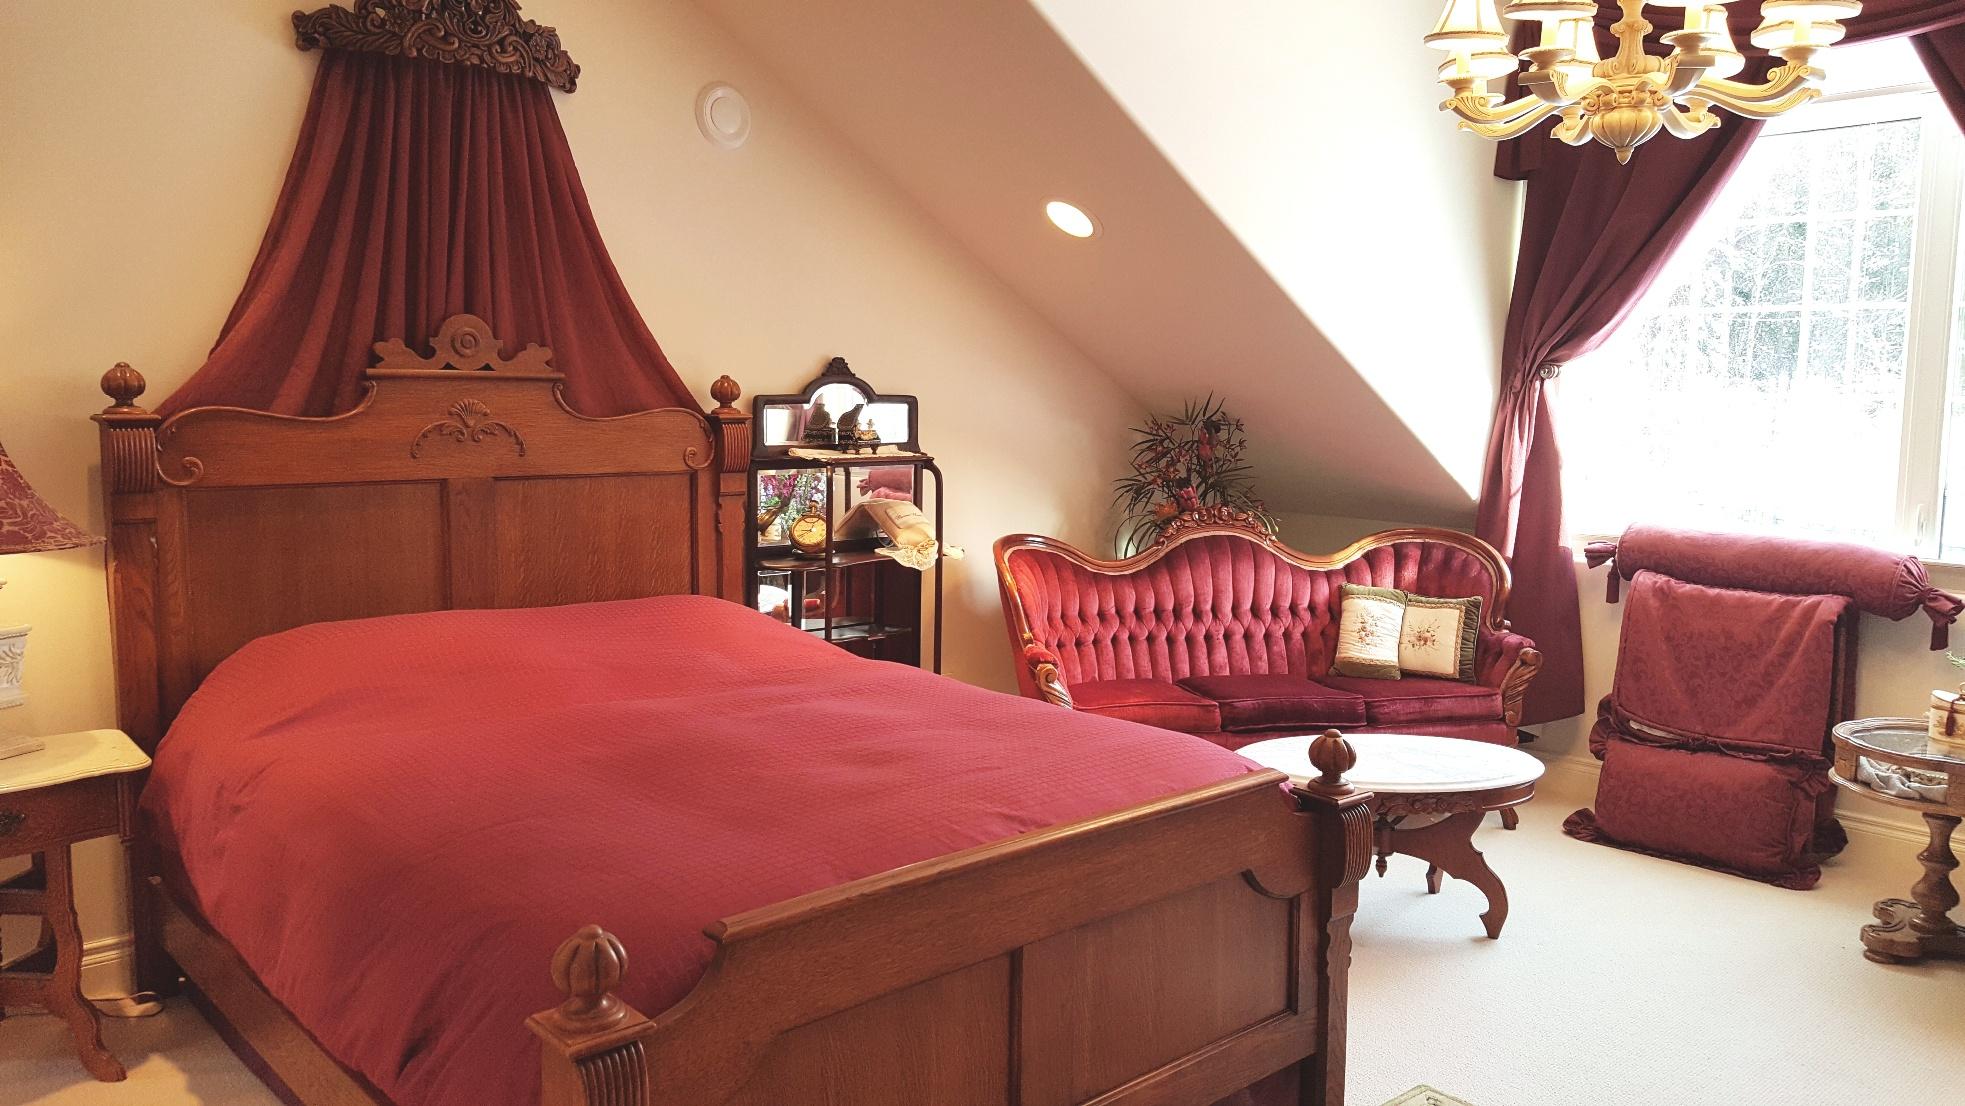 second bedroom landscape